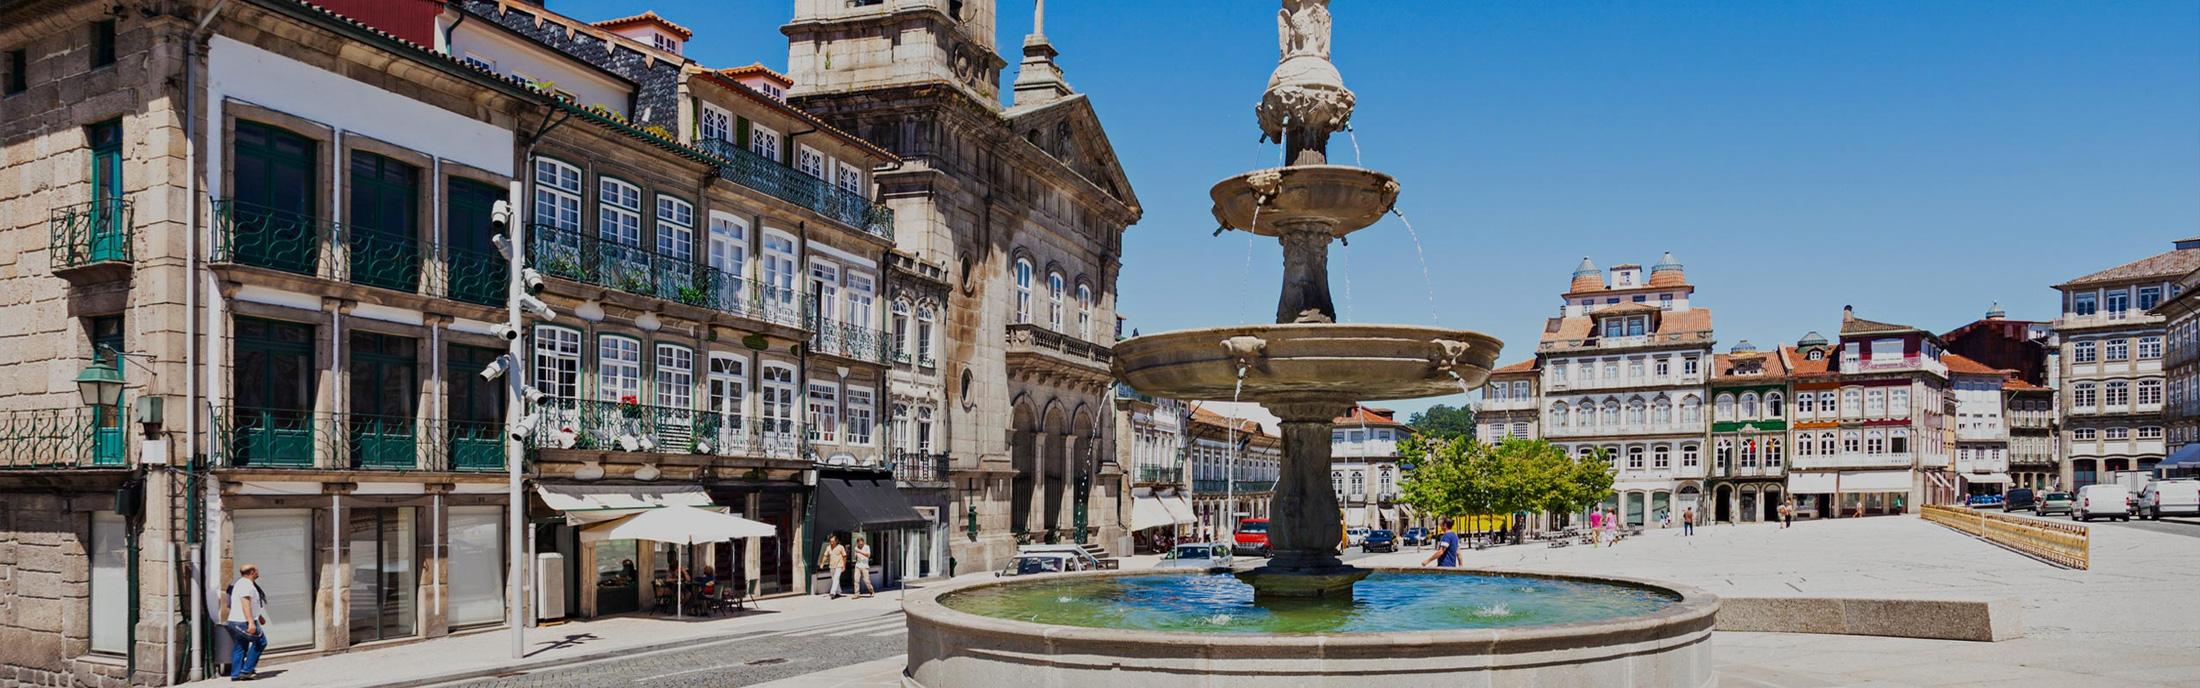 Associação de Folclore e Etnografia de Guimarães | Portal...